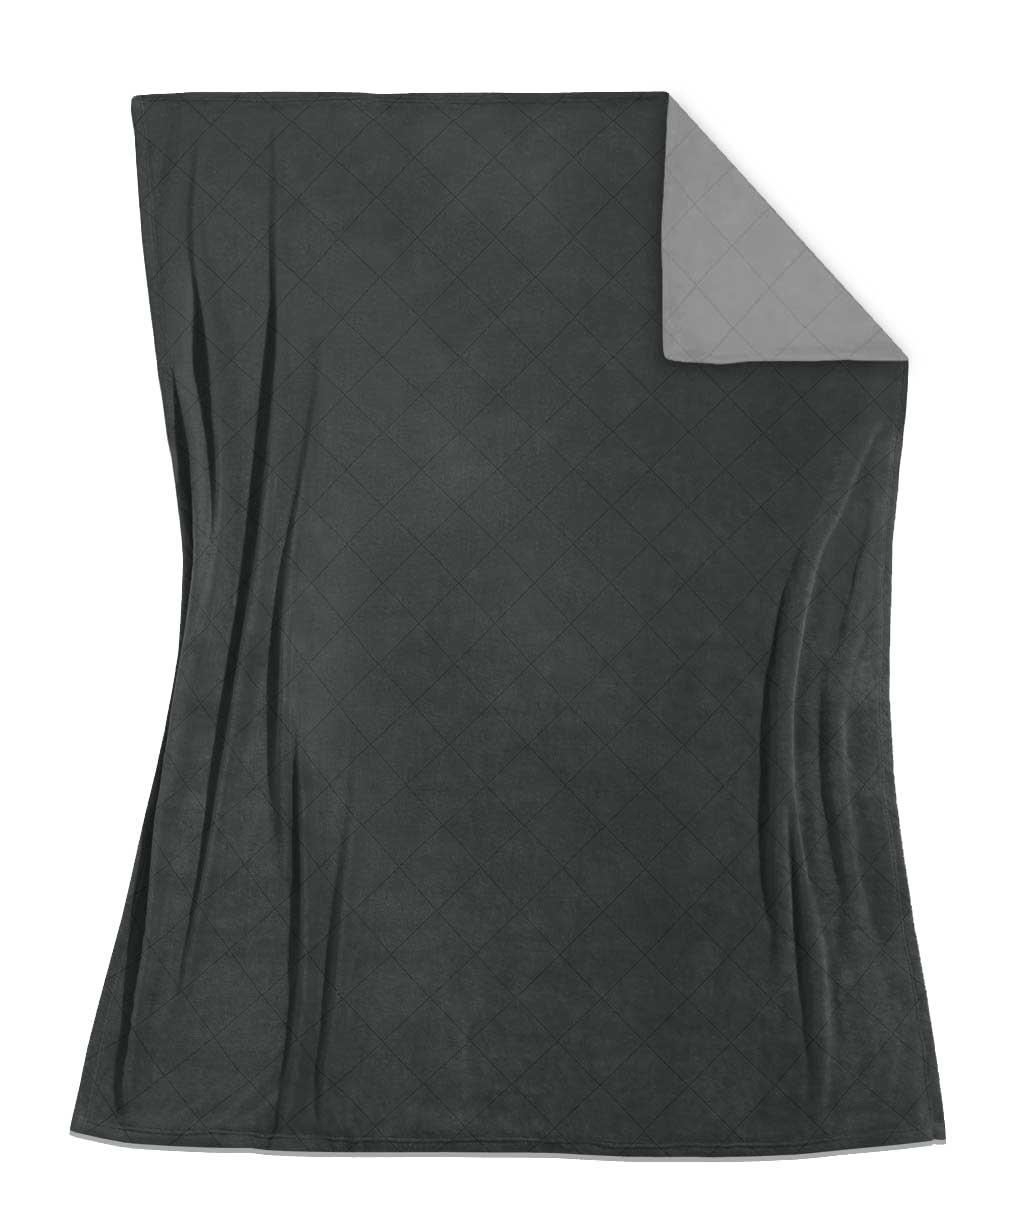 Weiche grau-anthrazitfarbene Tagesdecke mit Wendeseite aus Edel-Flanell